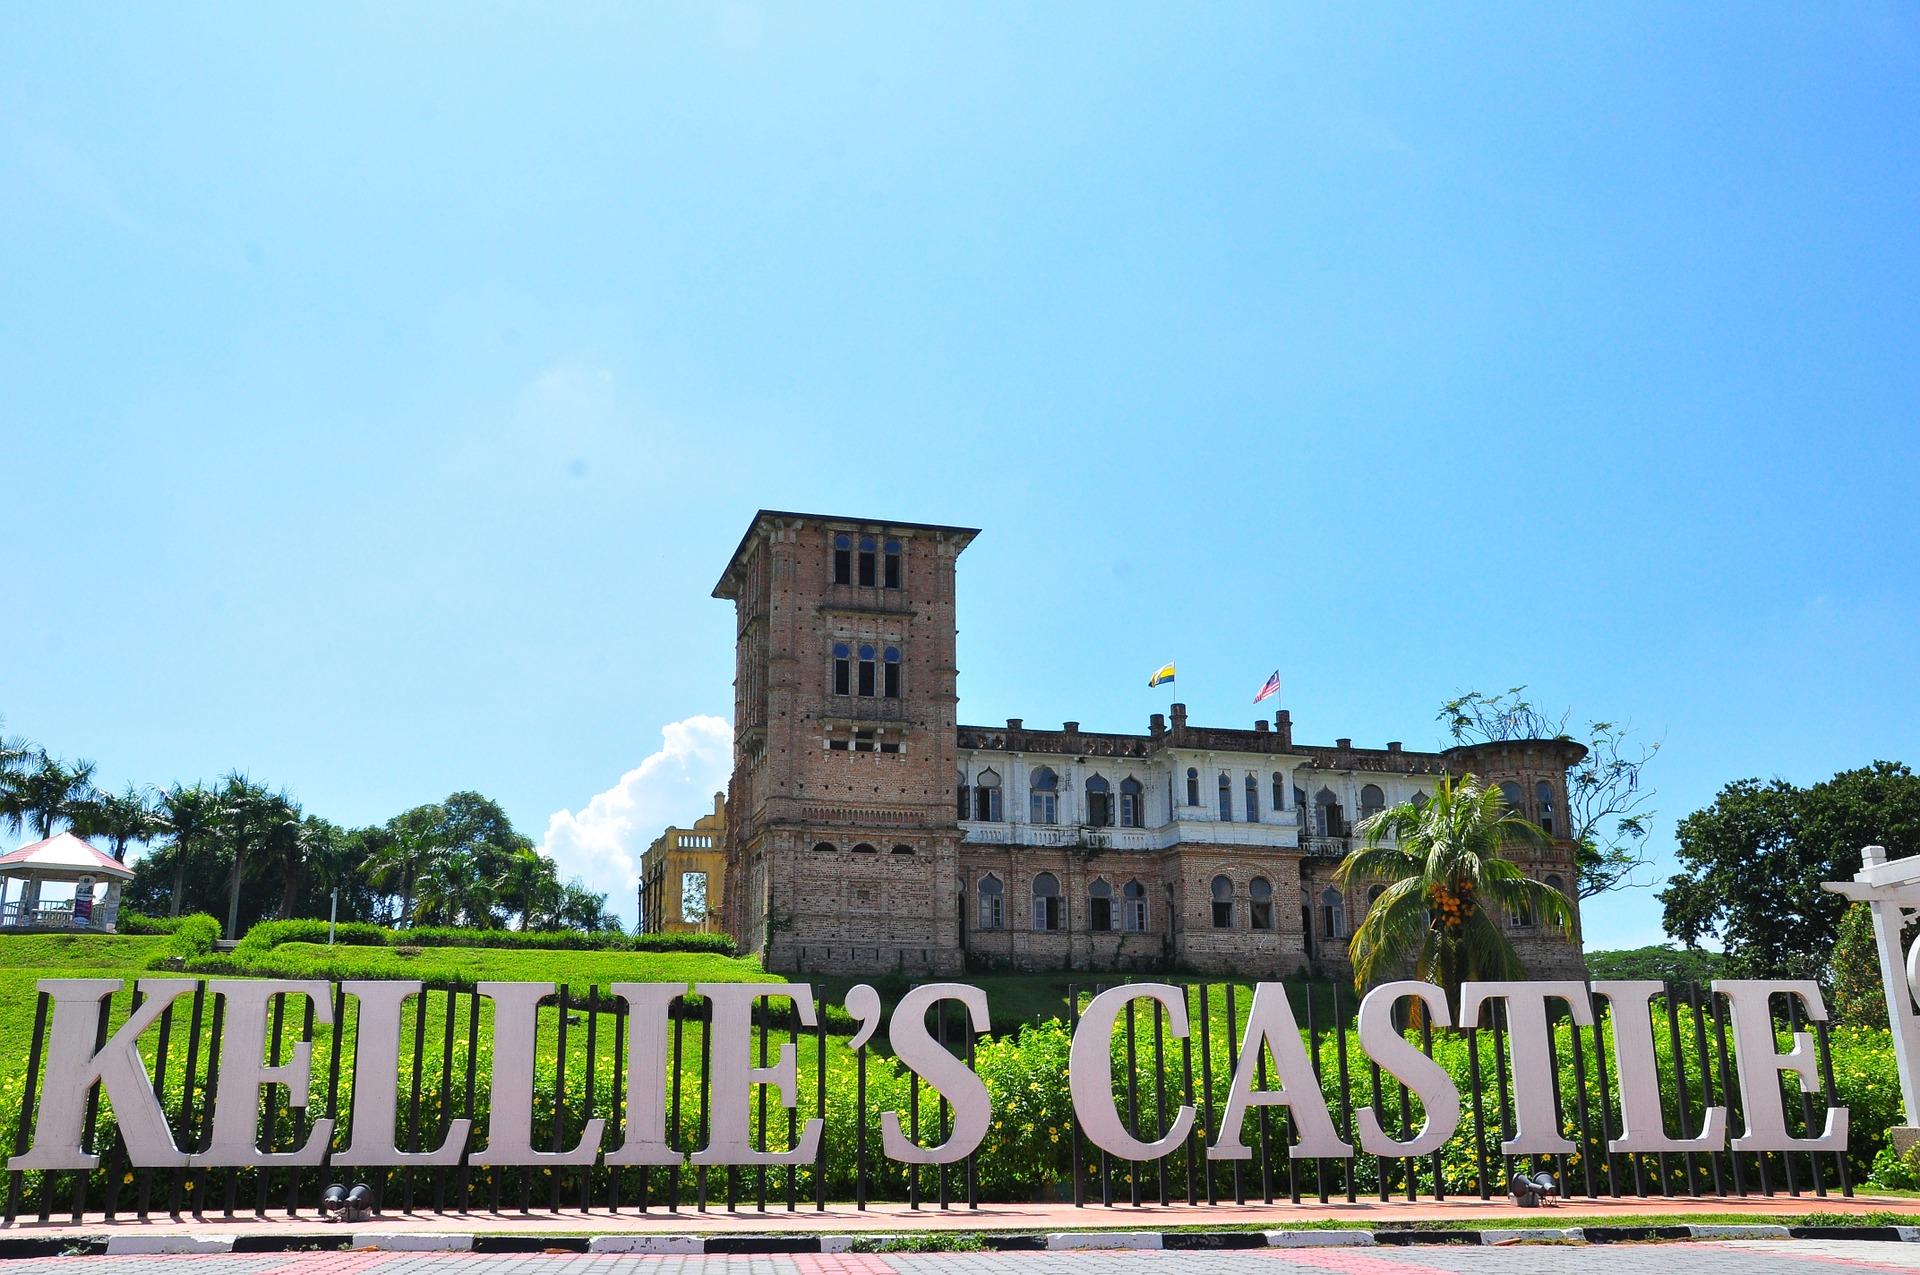 As old as Kellie's Castle.